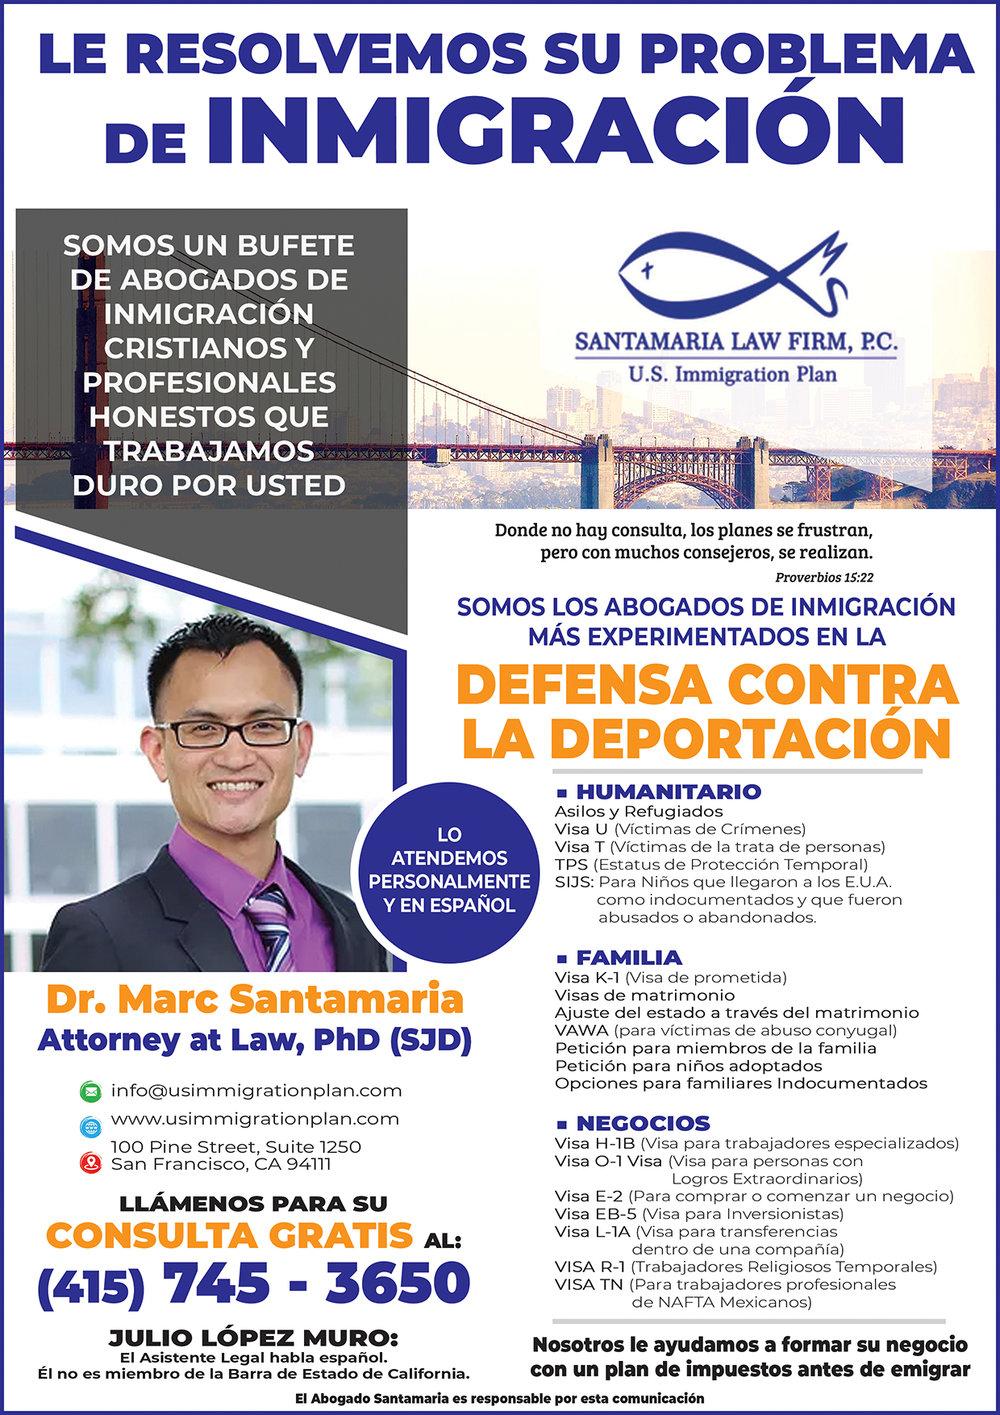 Santamaria Law Firm PC 1 Pag ENERO 2018.jpg